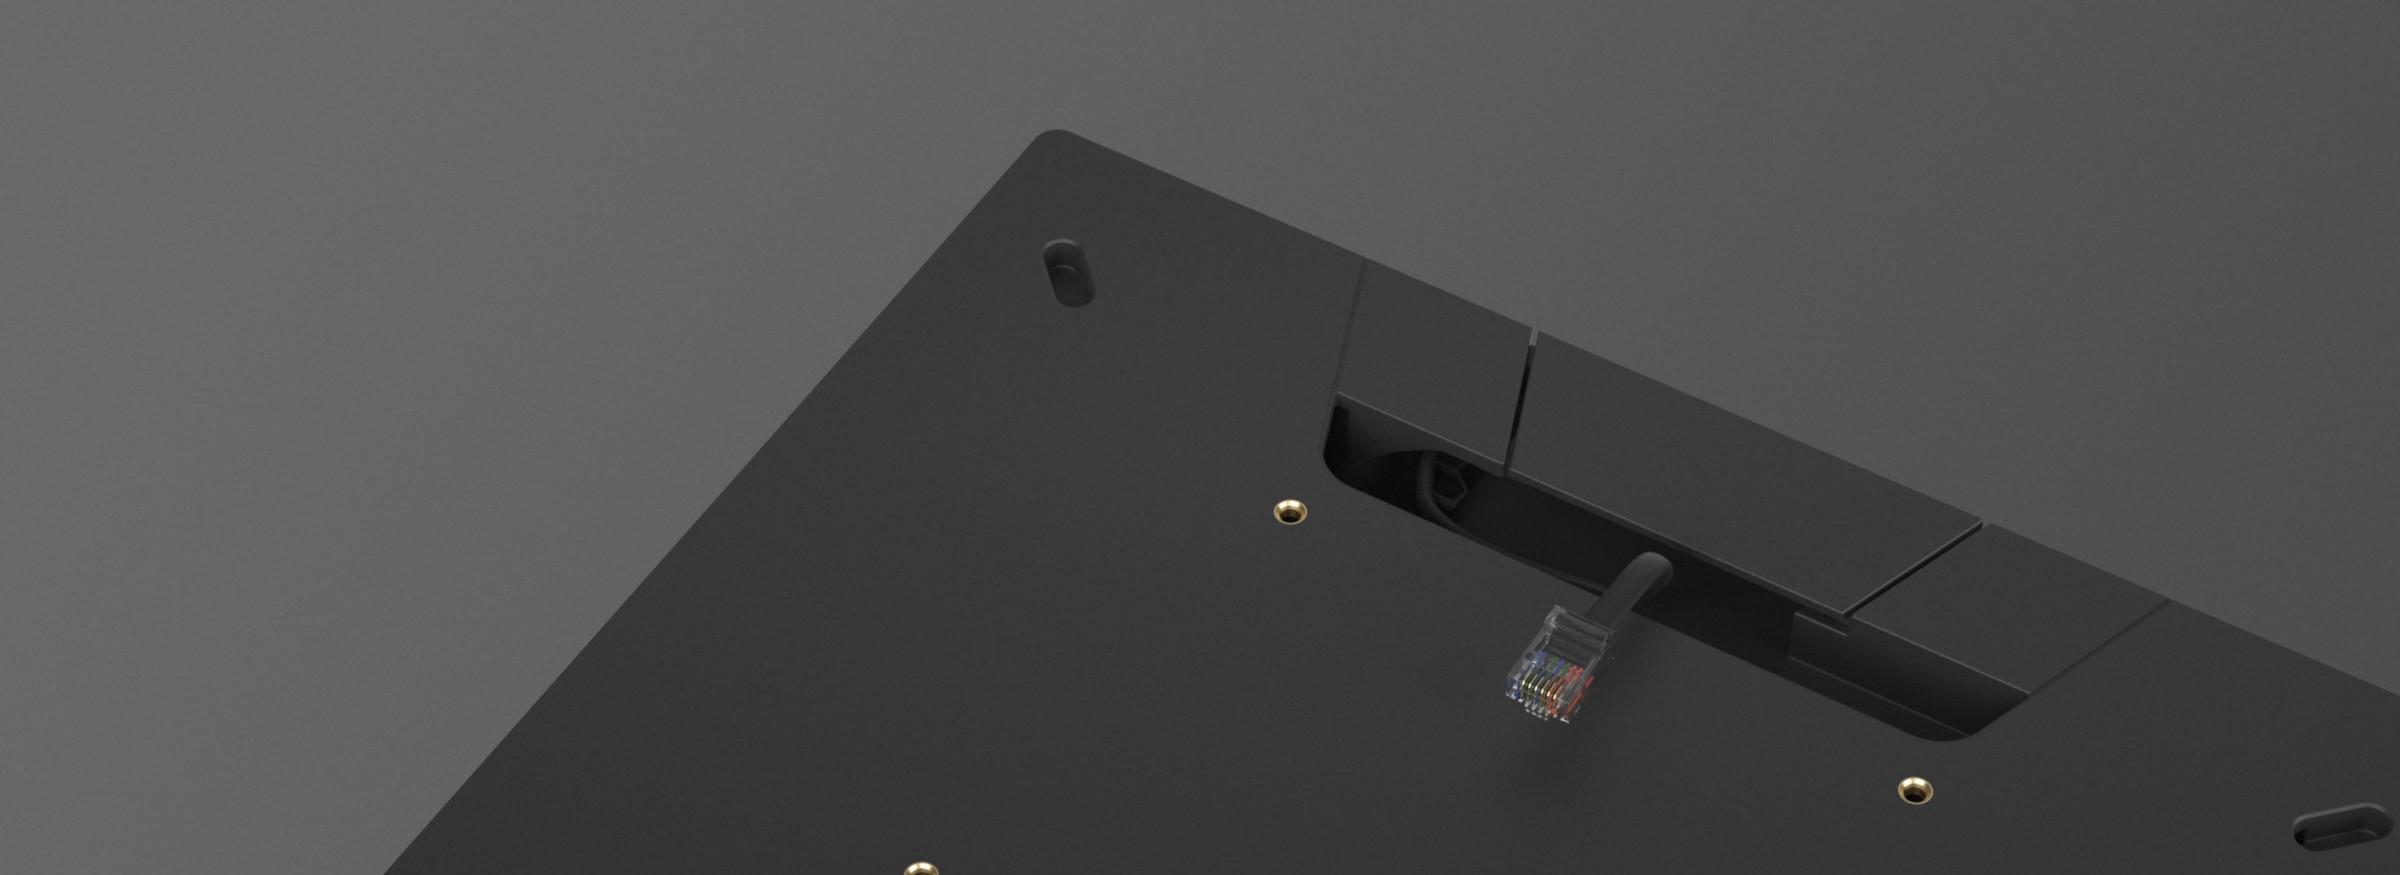 商米 Mini 錢箱